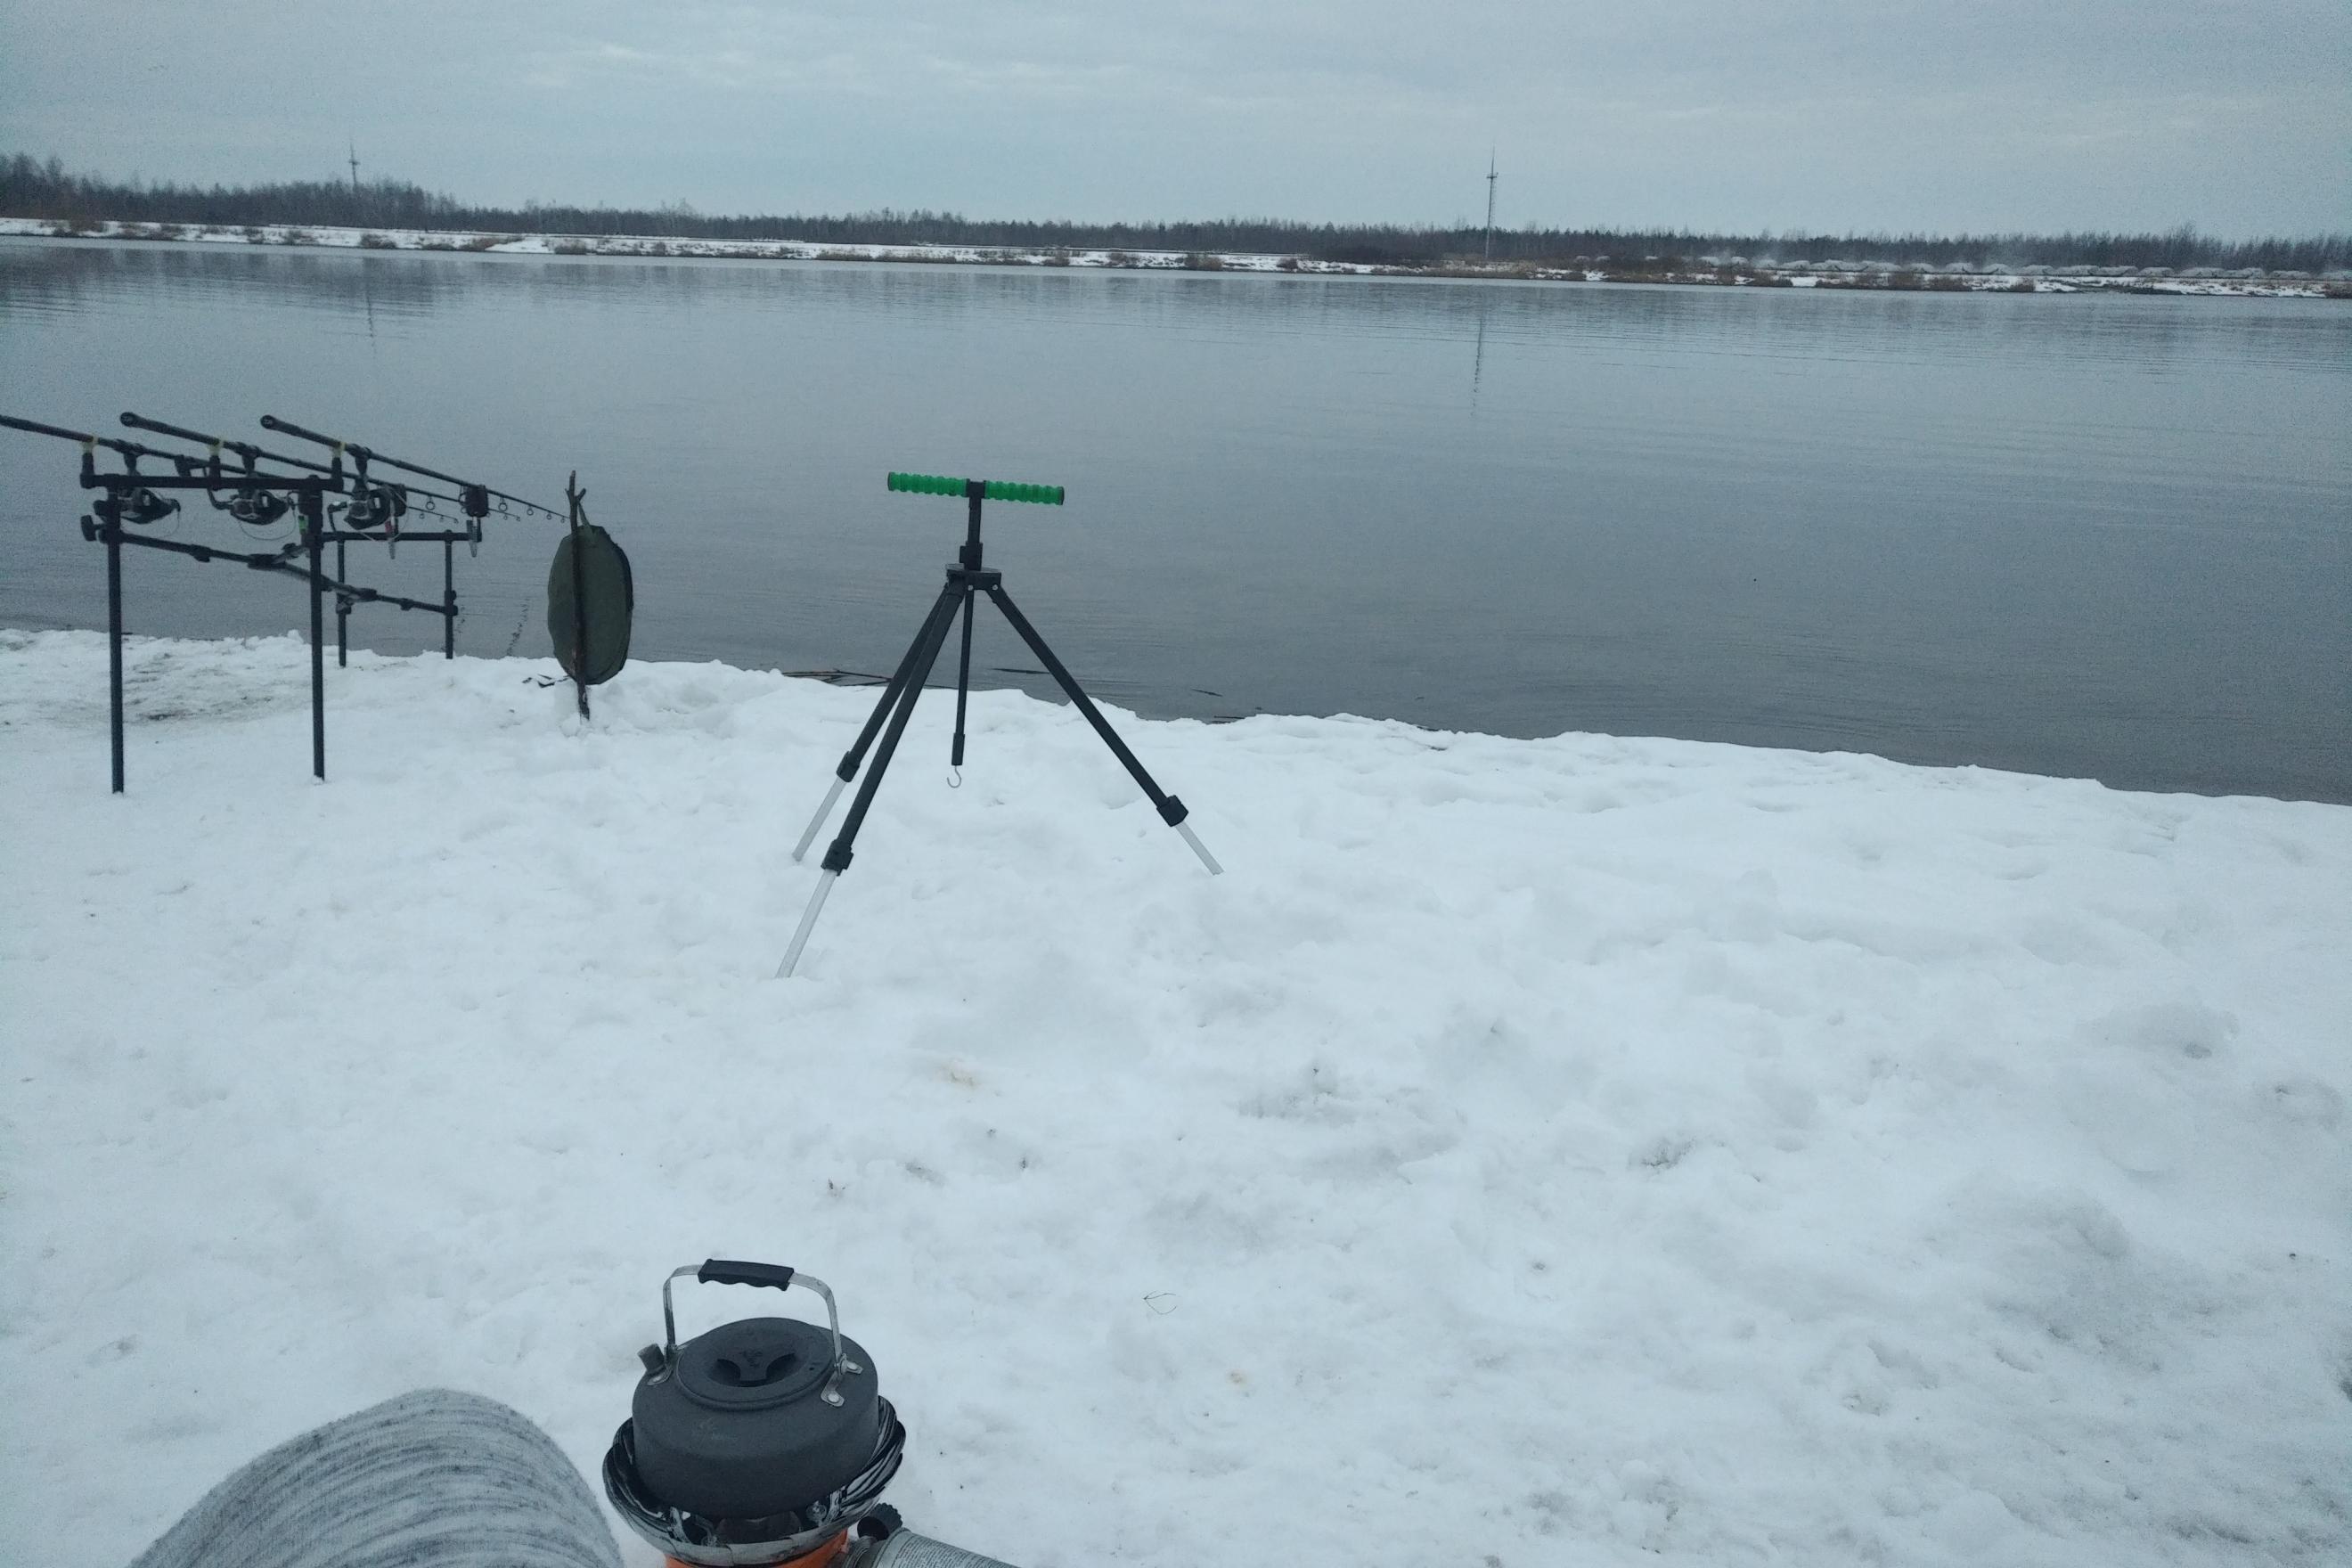 Был 23.01, погода для ловли супер комфор тная ... | Отчеты о рыбалке в Беларуси